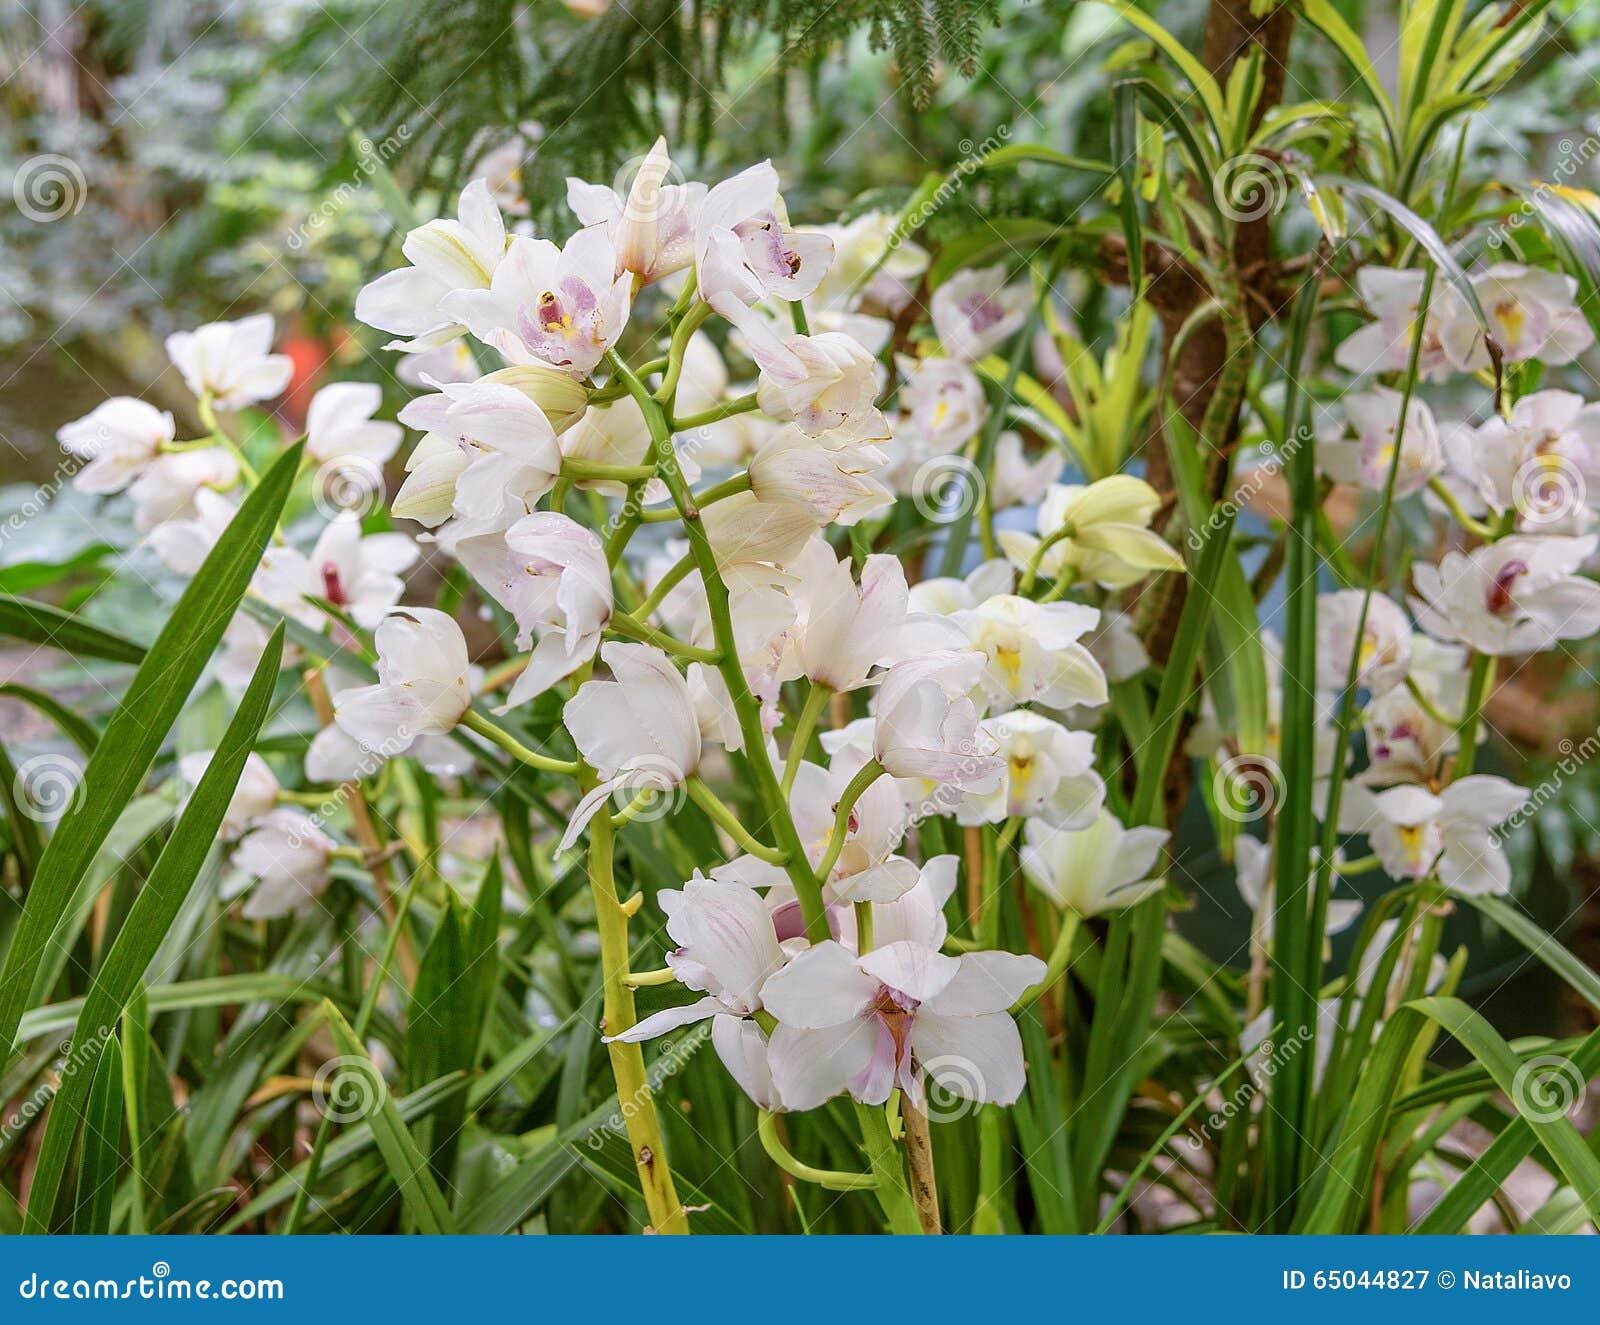 blumenbeet wei en orchideen dendrobium nobile im gew chshaus stockbild bild von bunt floret. Black Bedroom Furniture Sets. Home Design Ideas